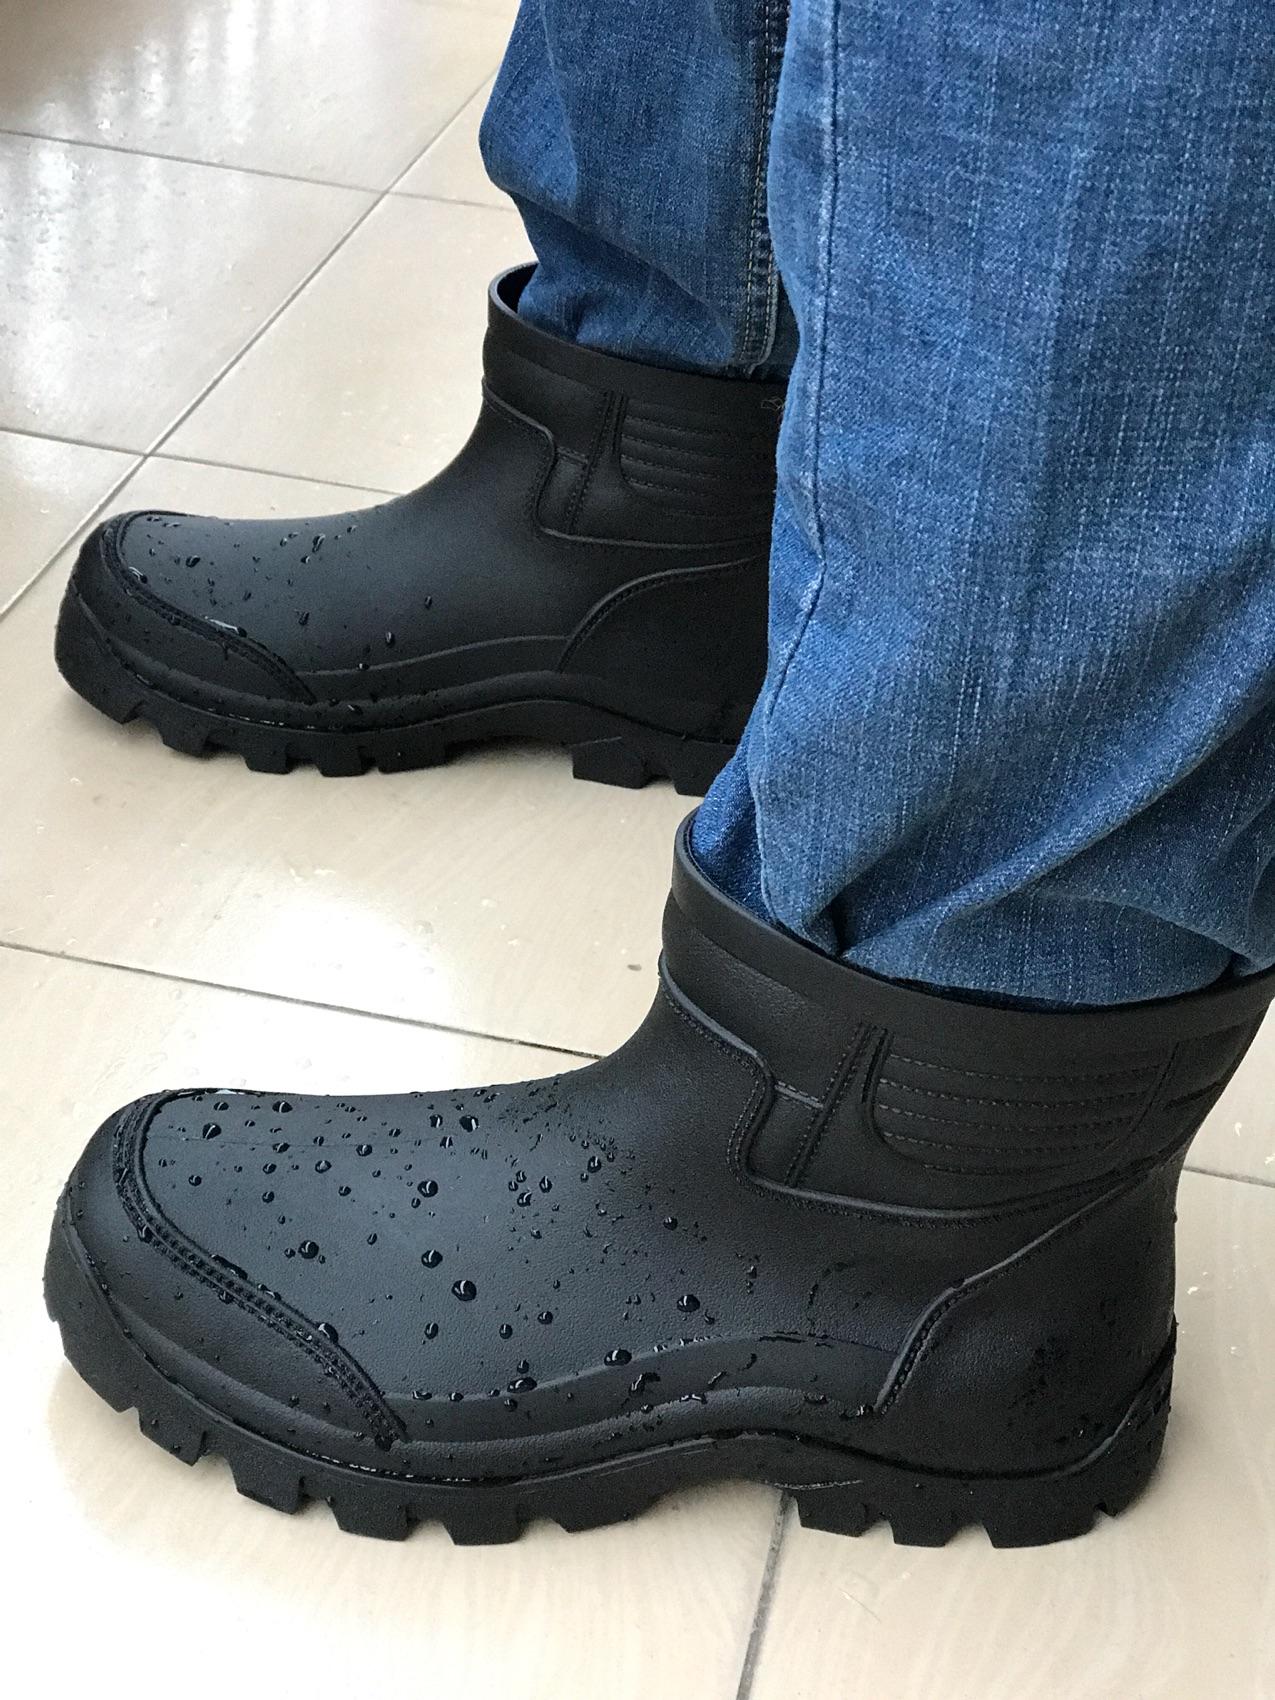 包邮欧版台湾环保材料耐油酸碱男低帮雨鞋雨靴出口防水防滑厨师鞋